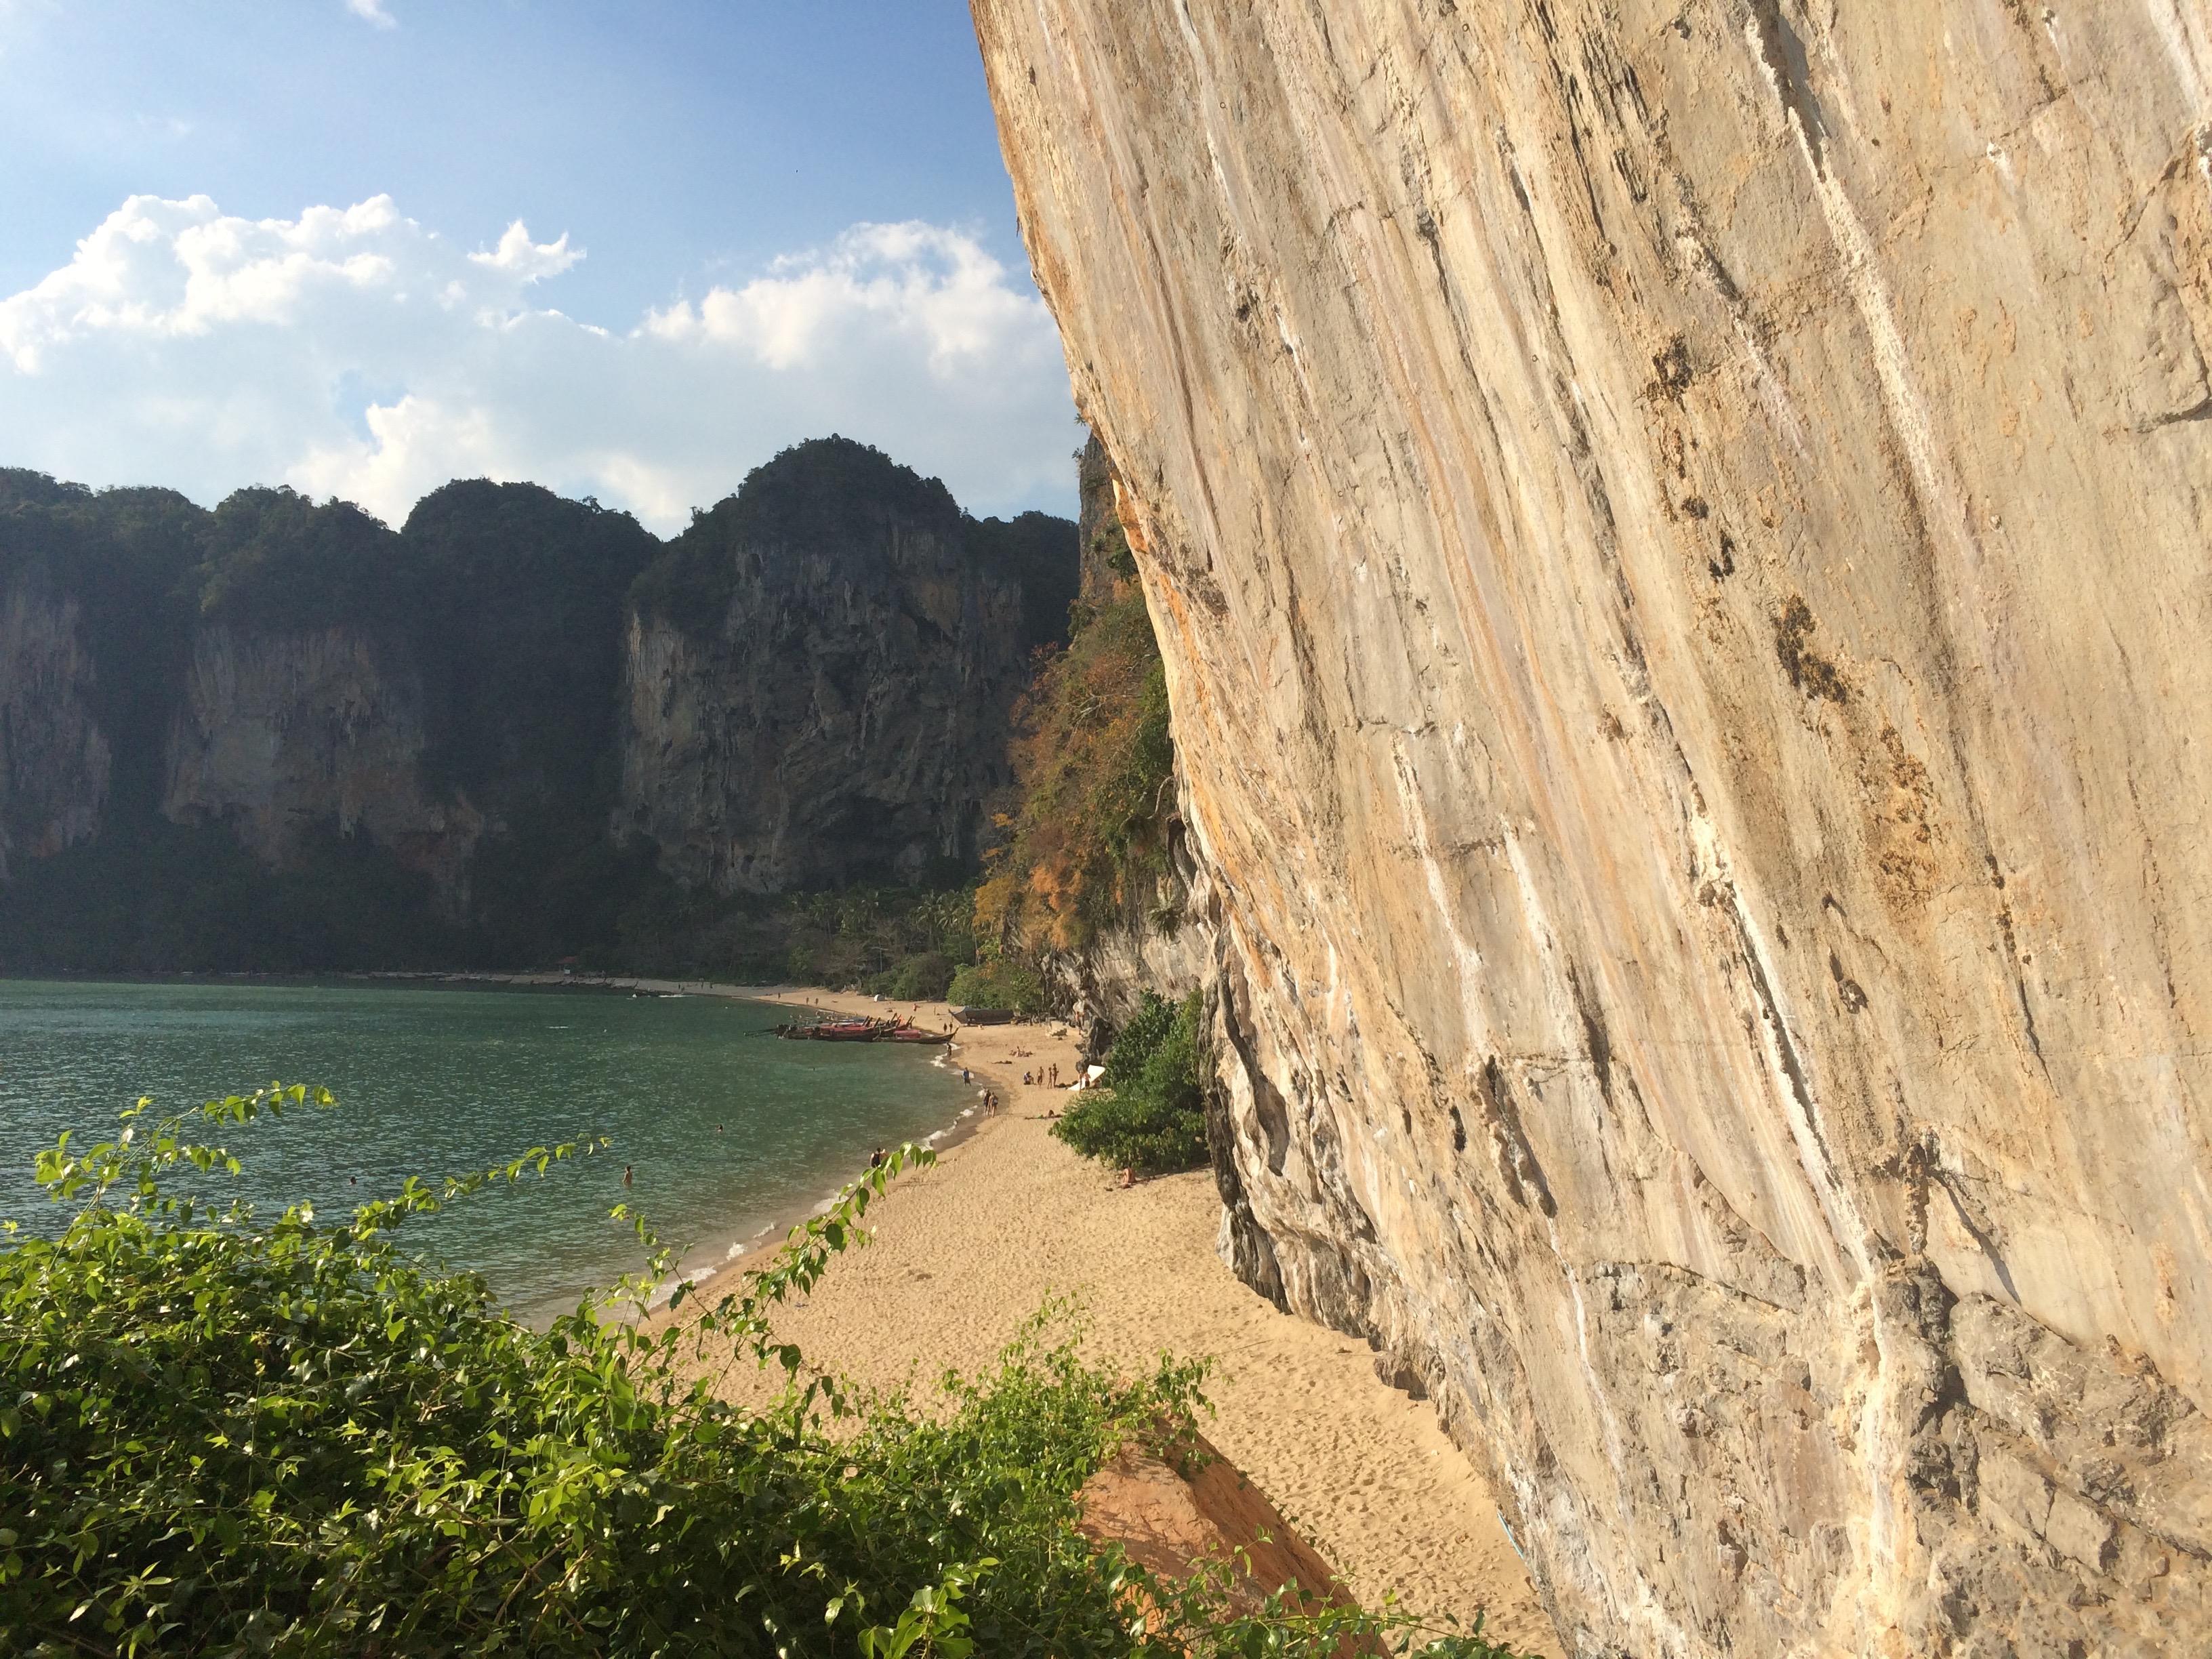 Tonsai e seus paredões rochosos. (Foto: Nathalia Tavolieri / Viagem em Detalhes)